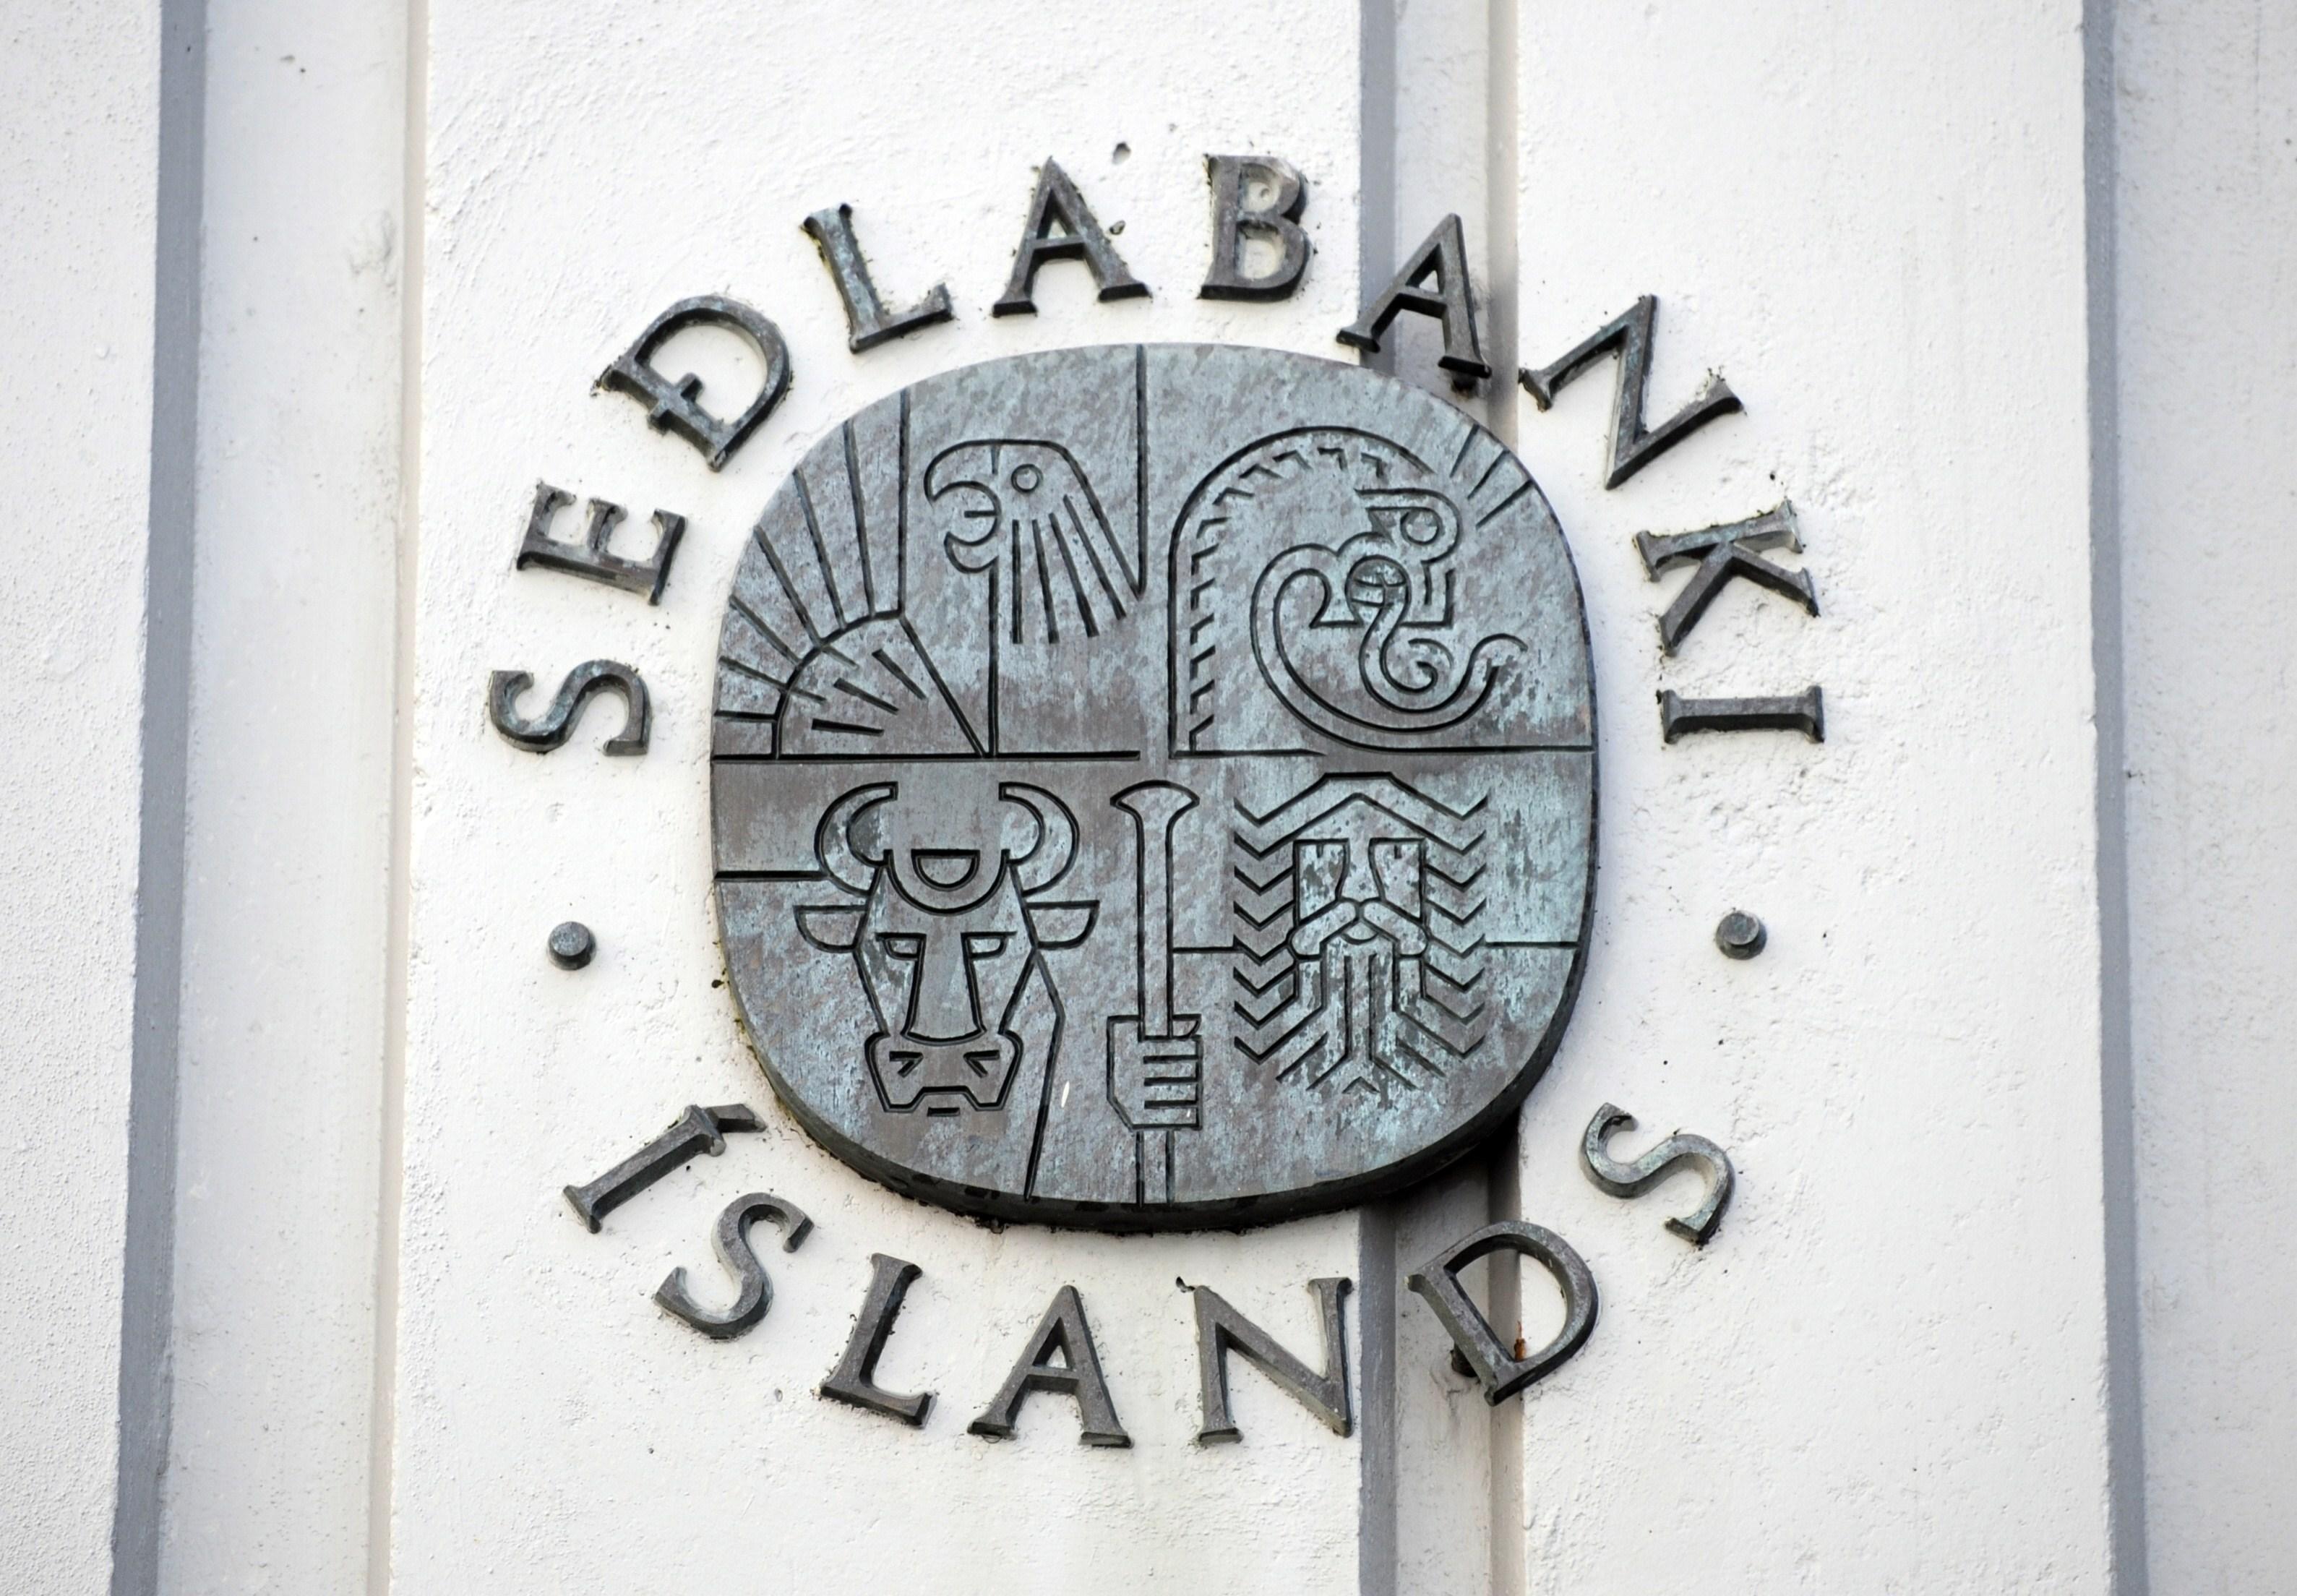 Wie funktioniert das Finanzsystem? Island will die Banken an die Leine nehmen